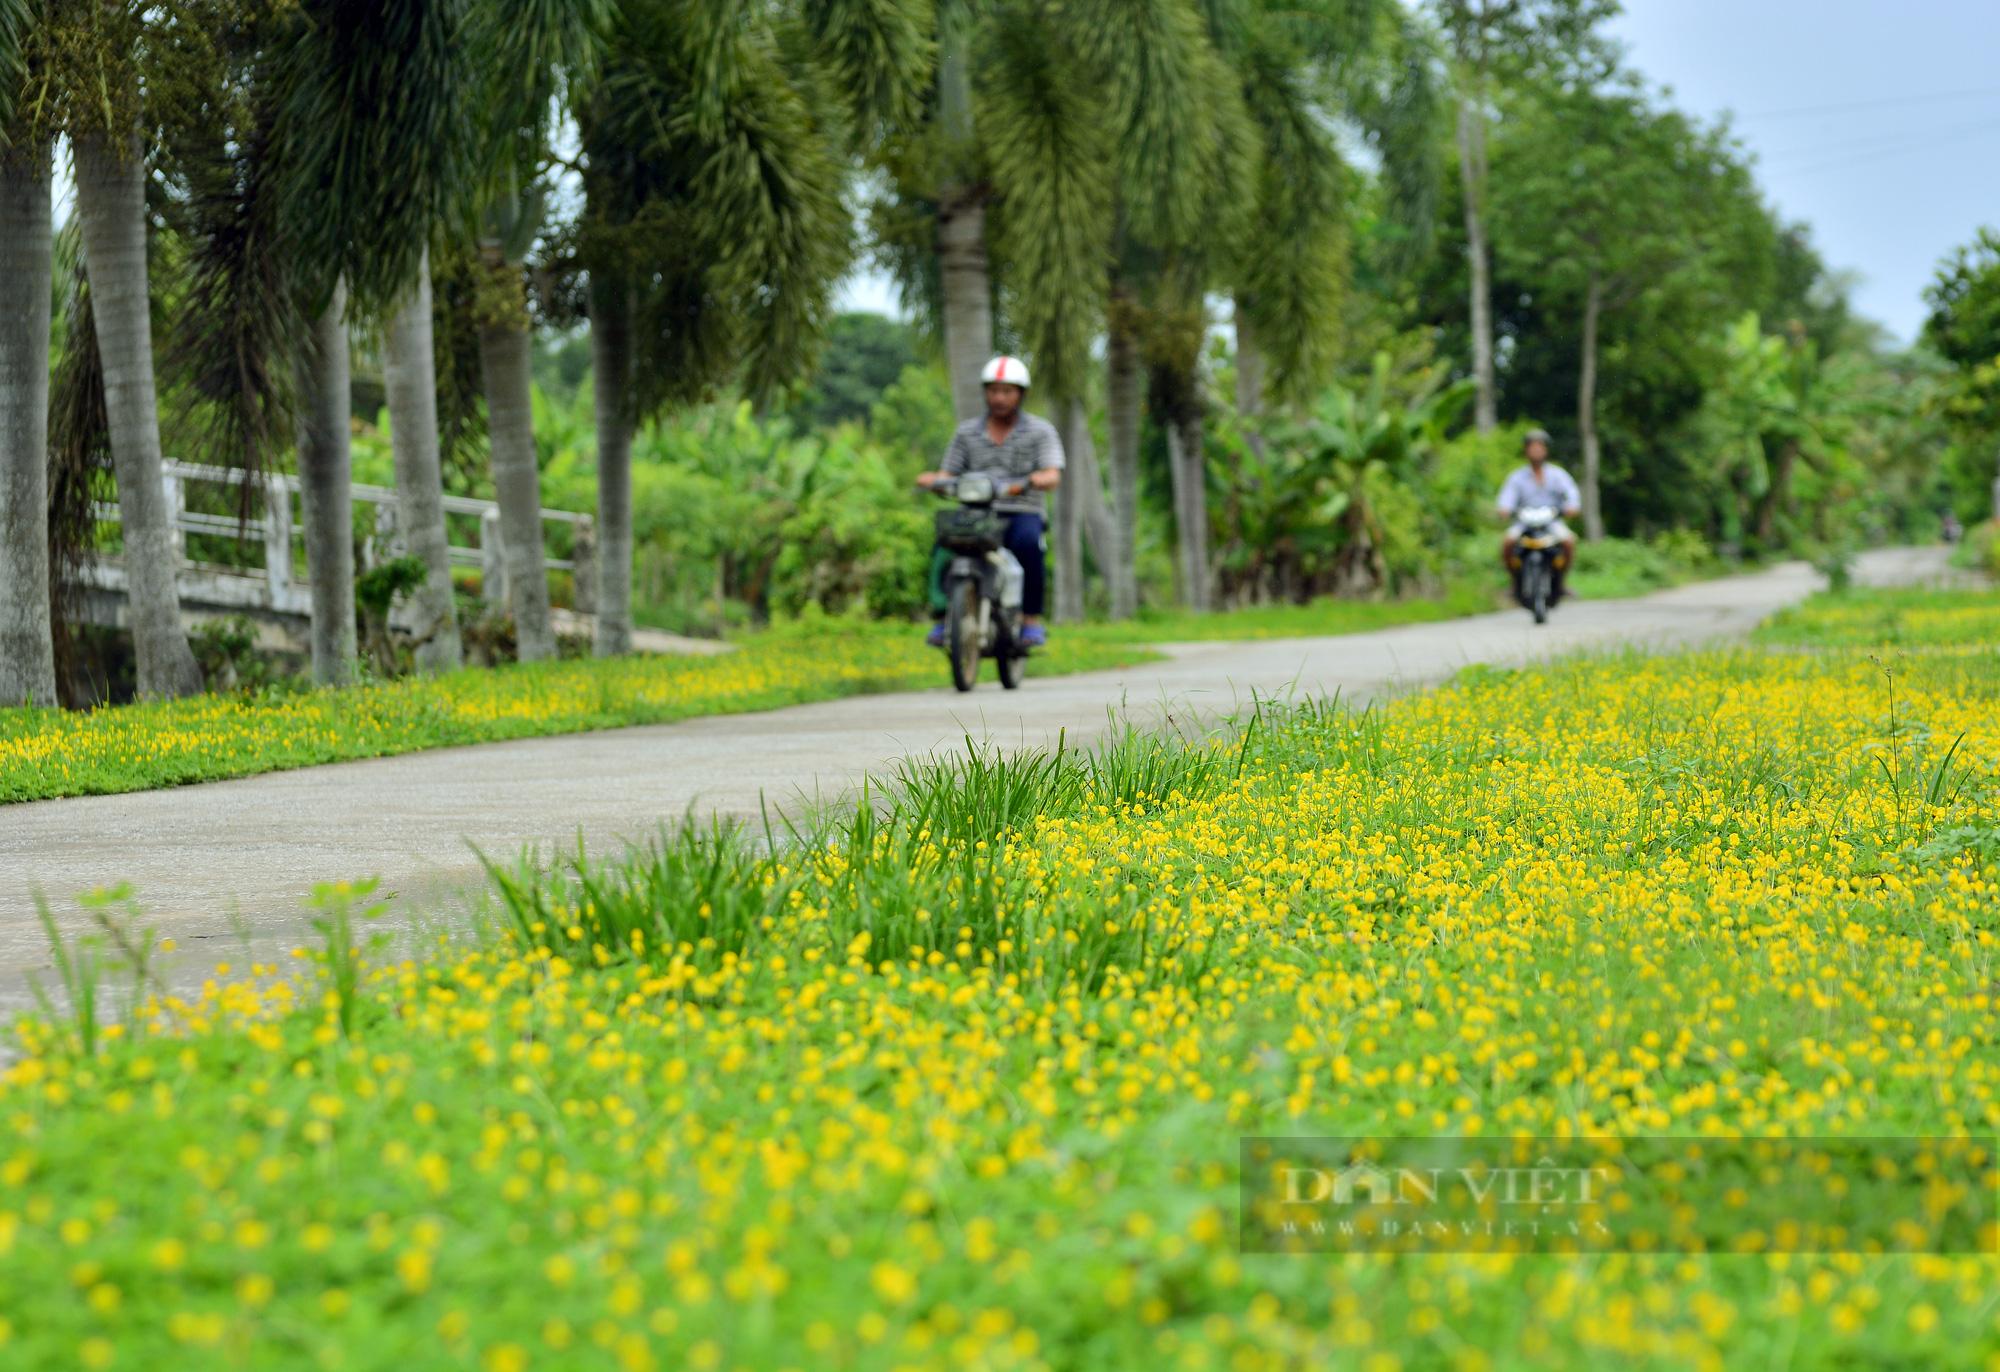 ĐBQH, Chủ tịch Hội Nông dân Việt Nam Lương Quốc Đoàn lo ngại nông dân thu nhập thấp đóng góp nhiều - Ảnh 4.